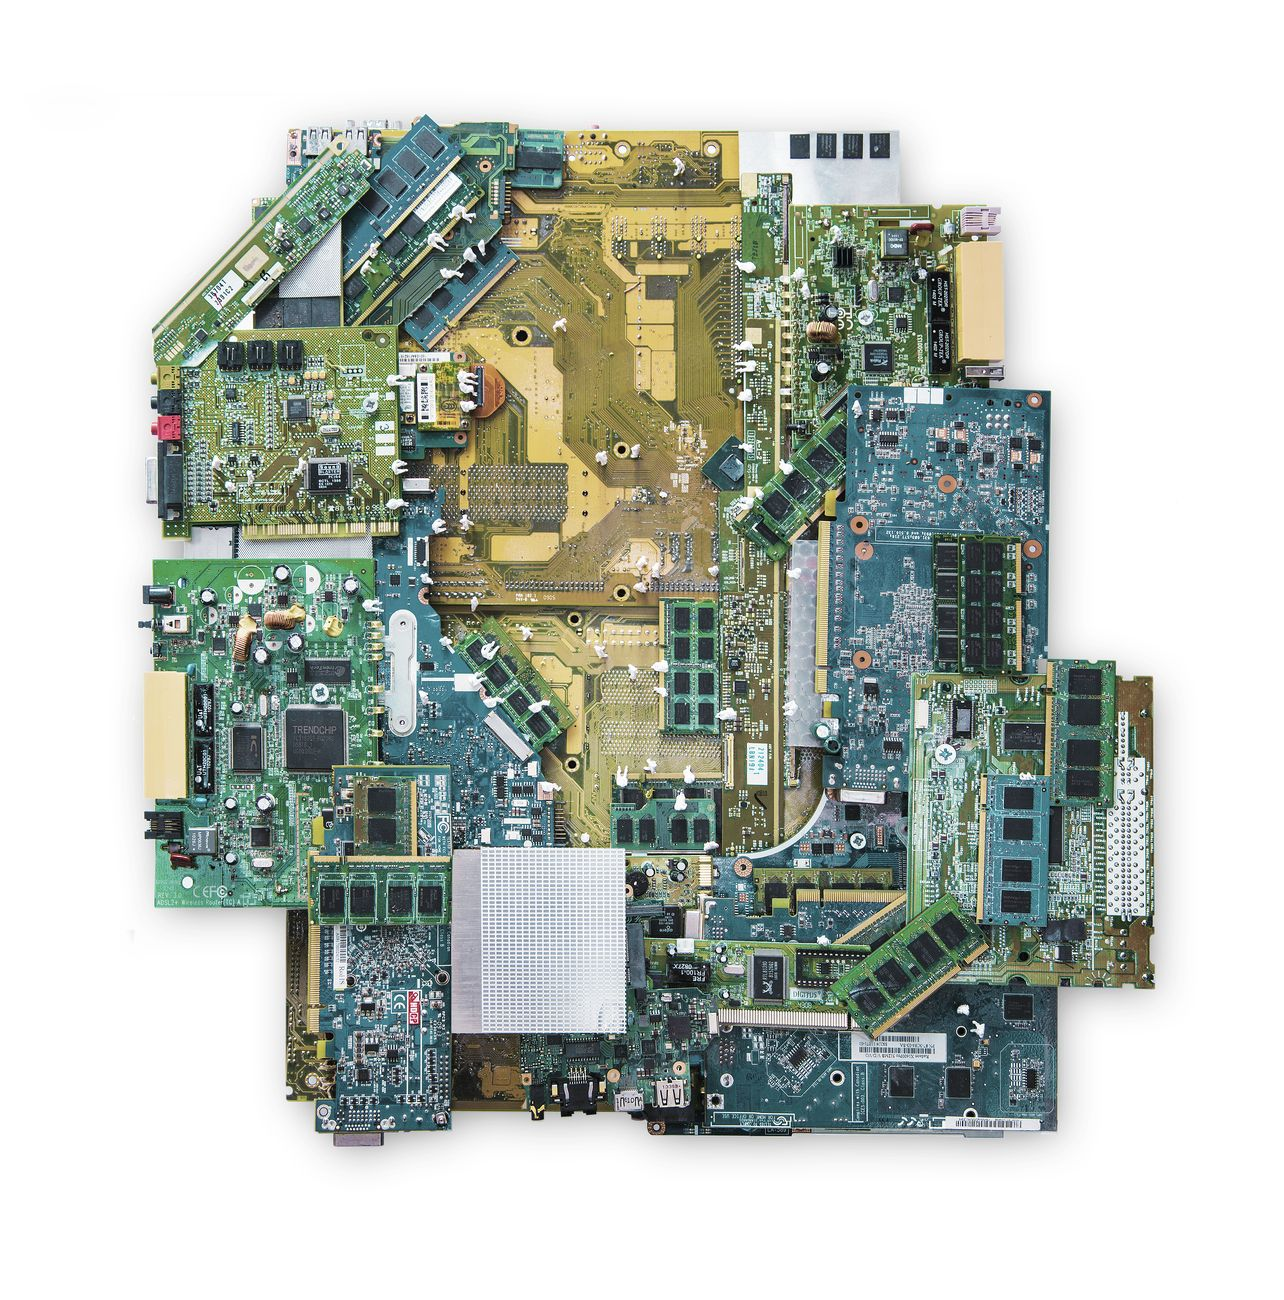 SuperSpatial, Korean Expo Pavilion Dubai 2020 Menzione d'onore. Concept model SuperSpatial